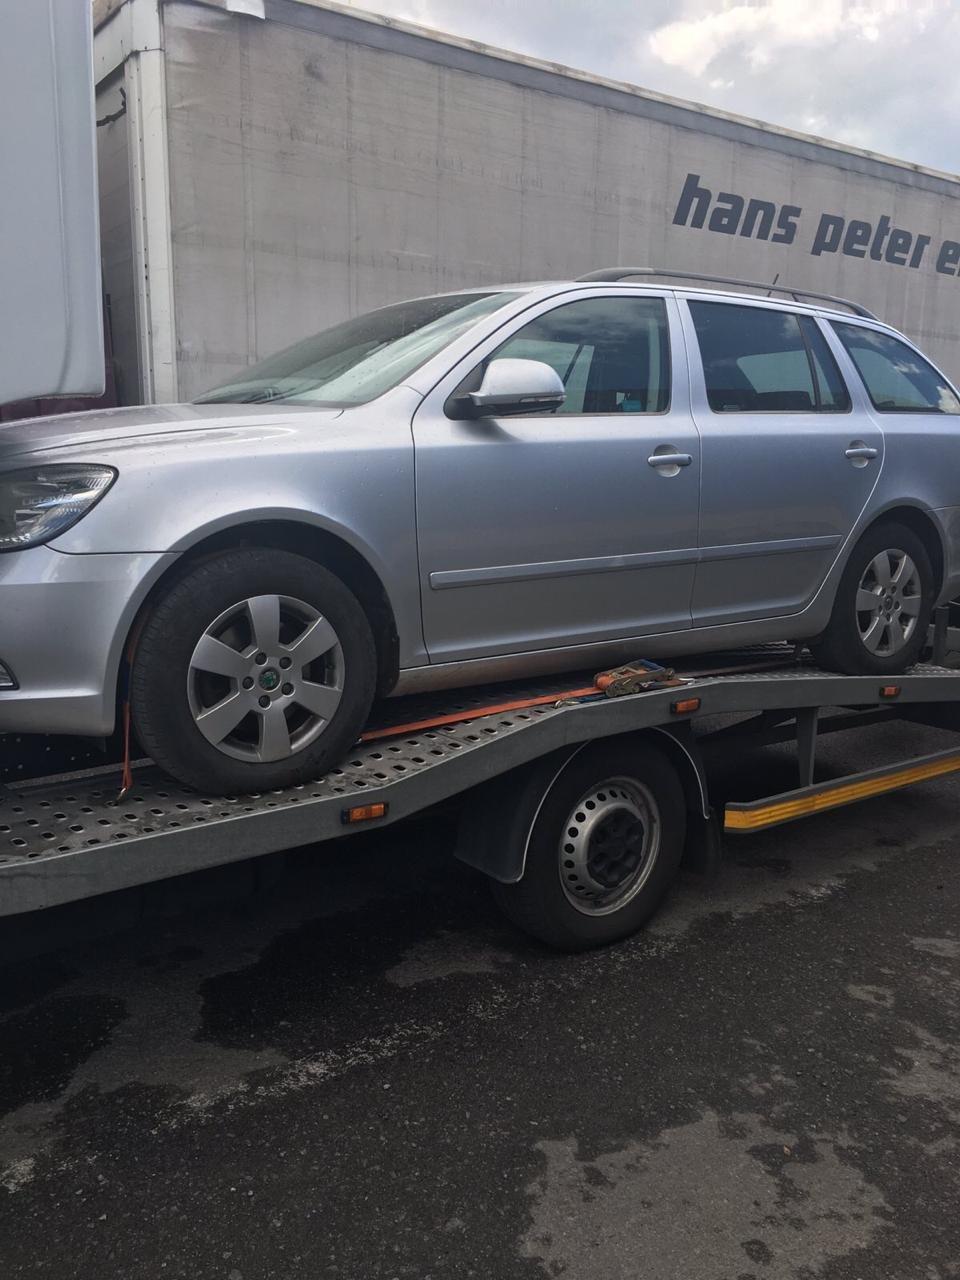 Закарпатські митники вилучили дві автівки через неправдиву ціну у документах (ФОТО), фото-3